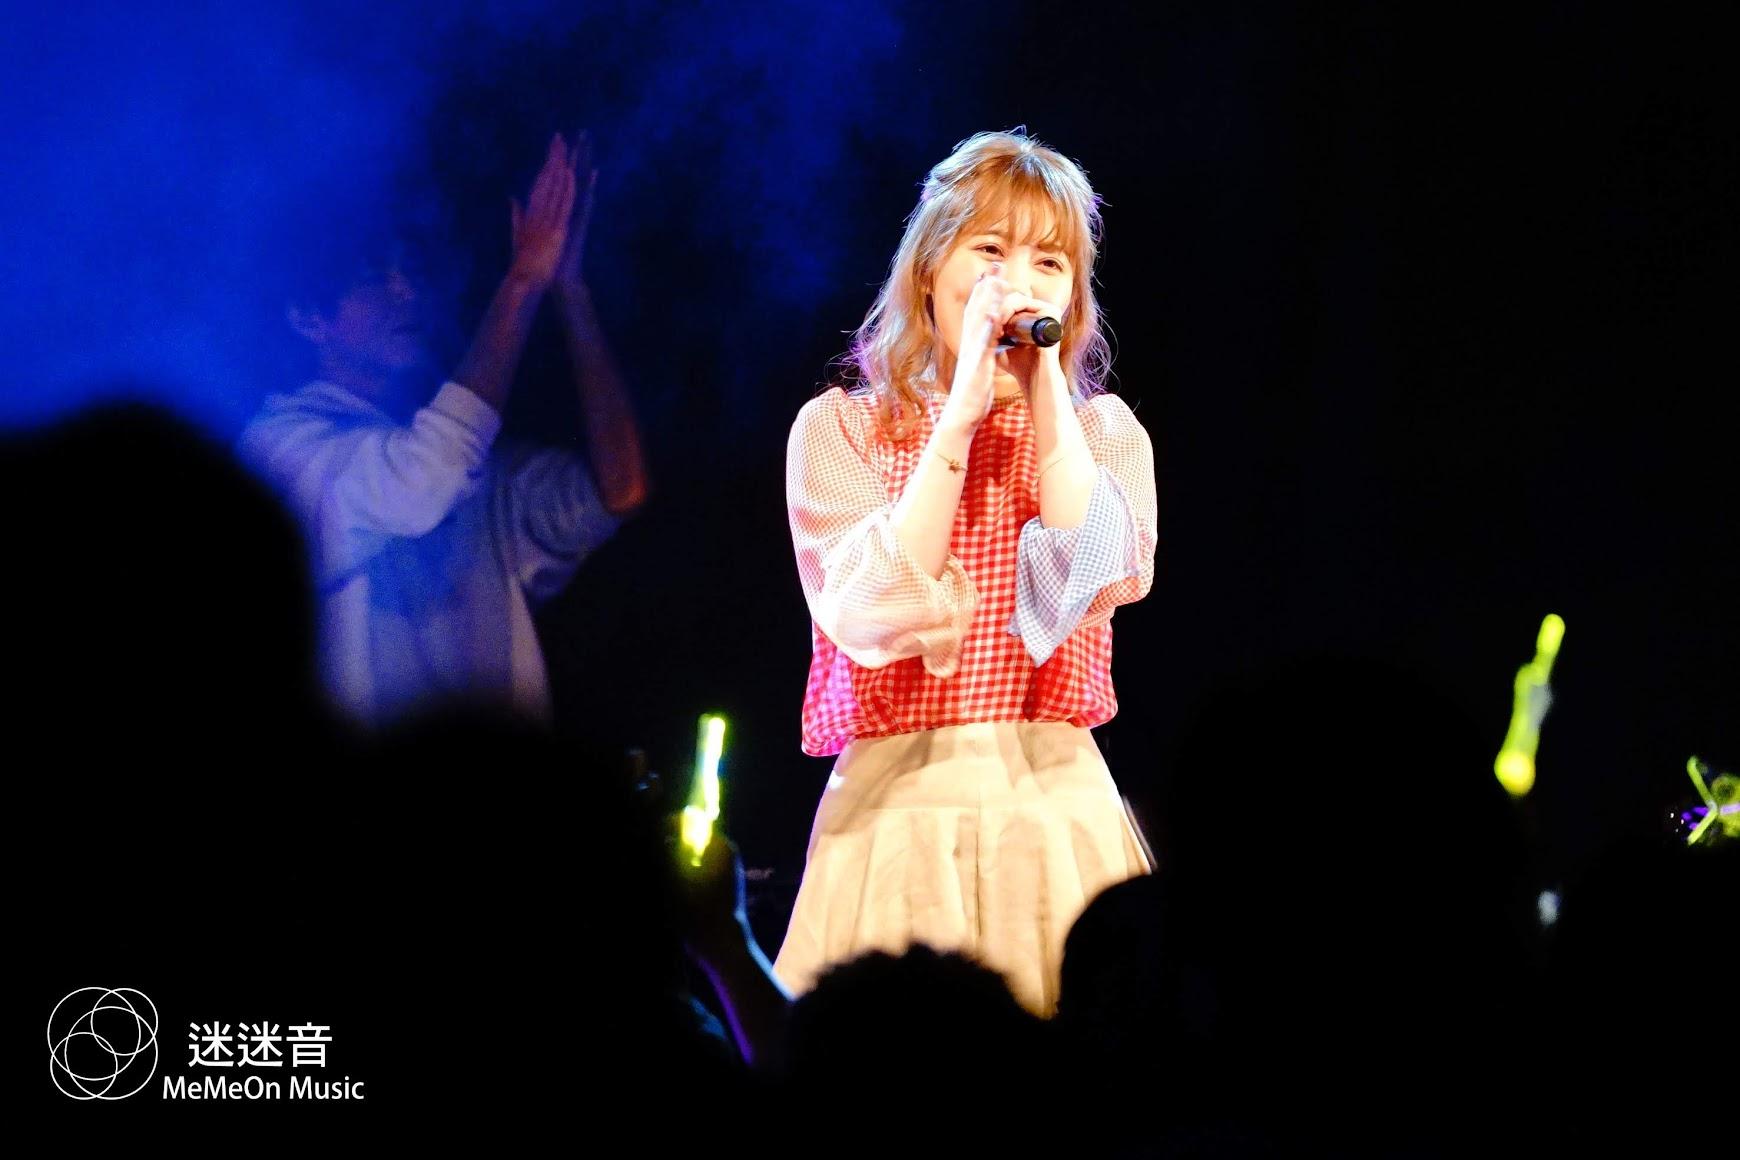 【迷迷現場】日本甜心歌姬 MACO 首次台灣個唱